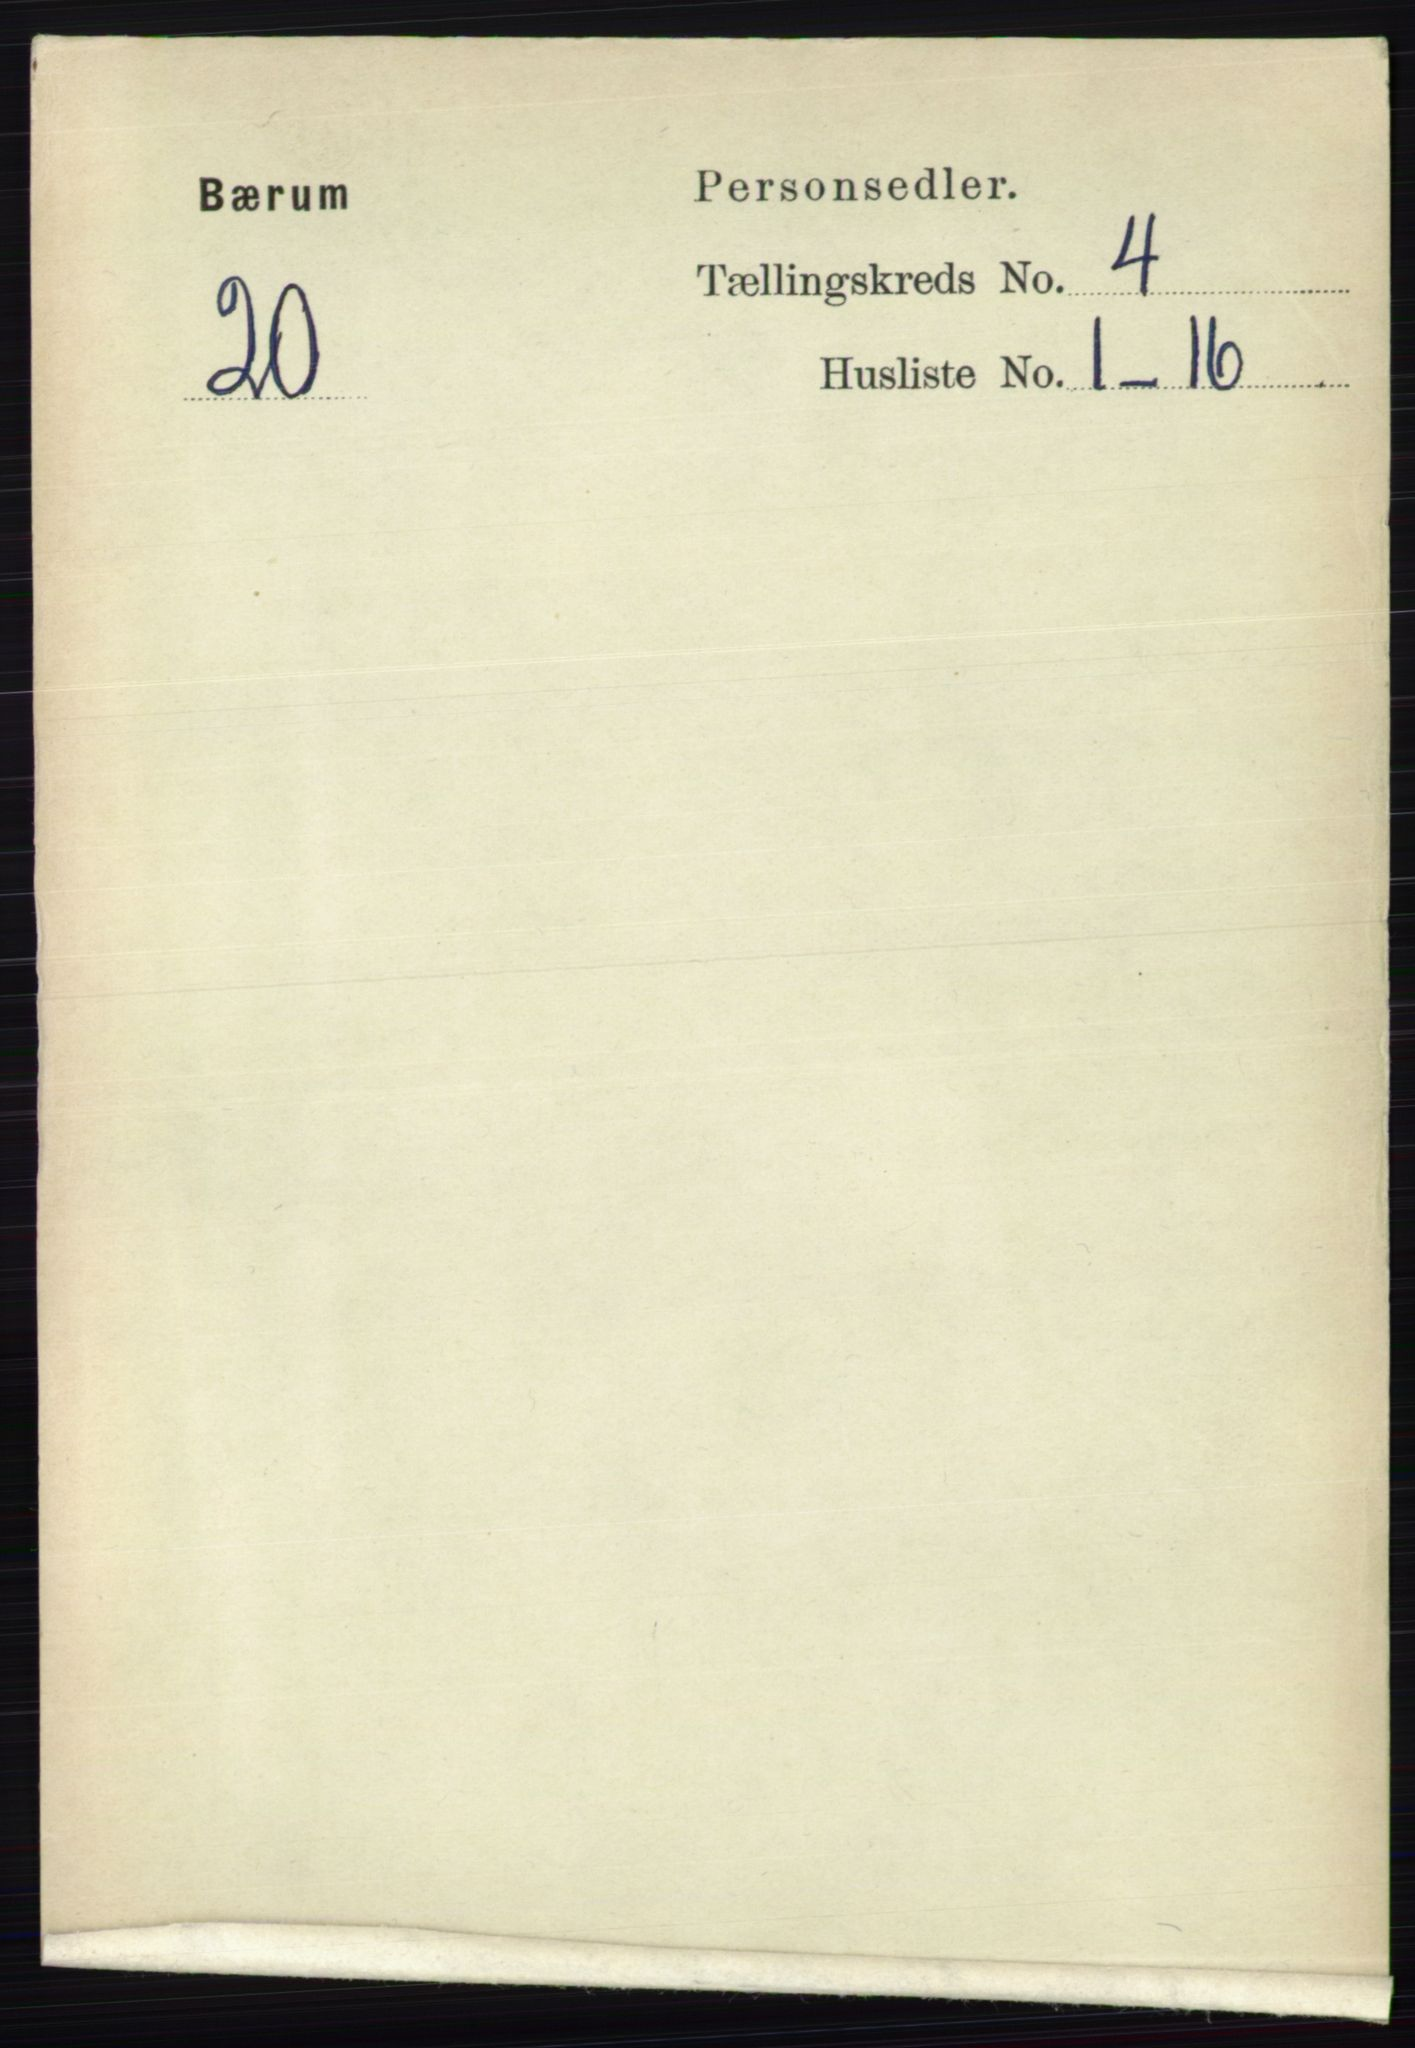 RA, Folketelling 1891 for 0219 Bærum herred, 1891, s. 2485